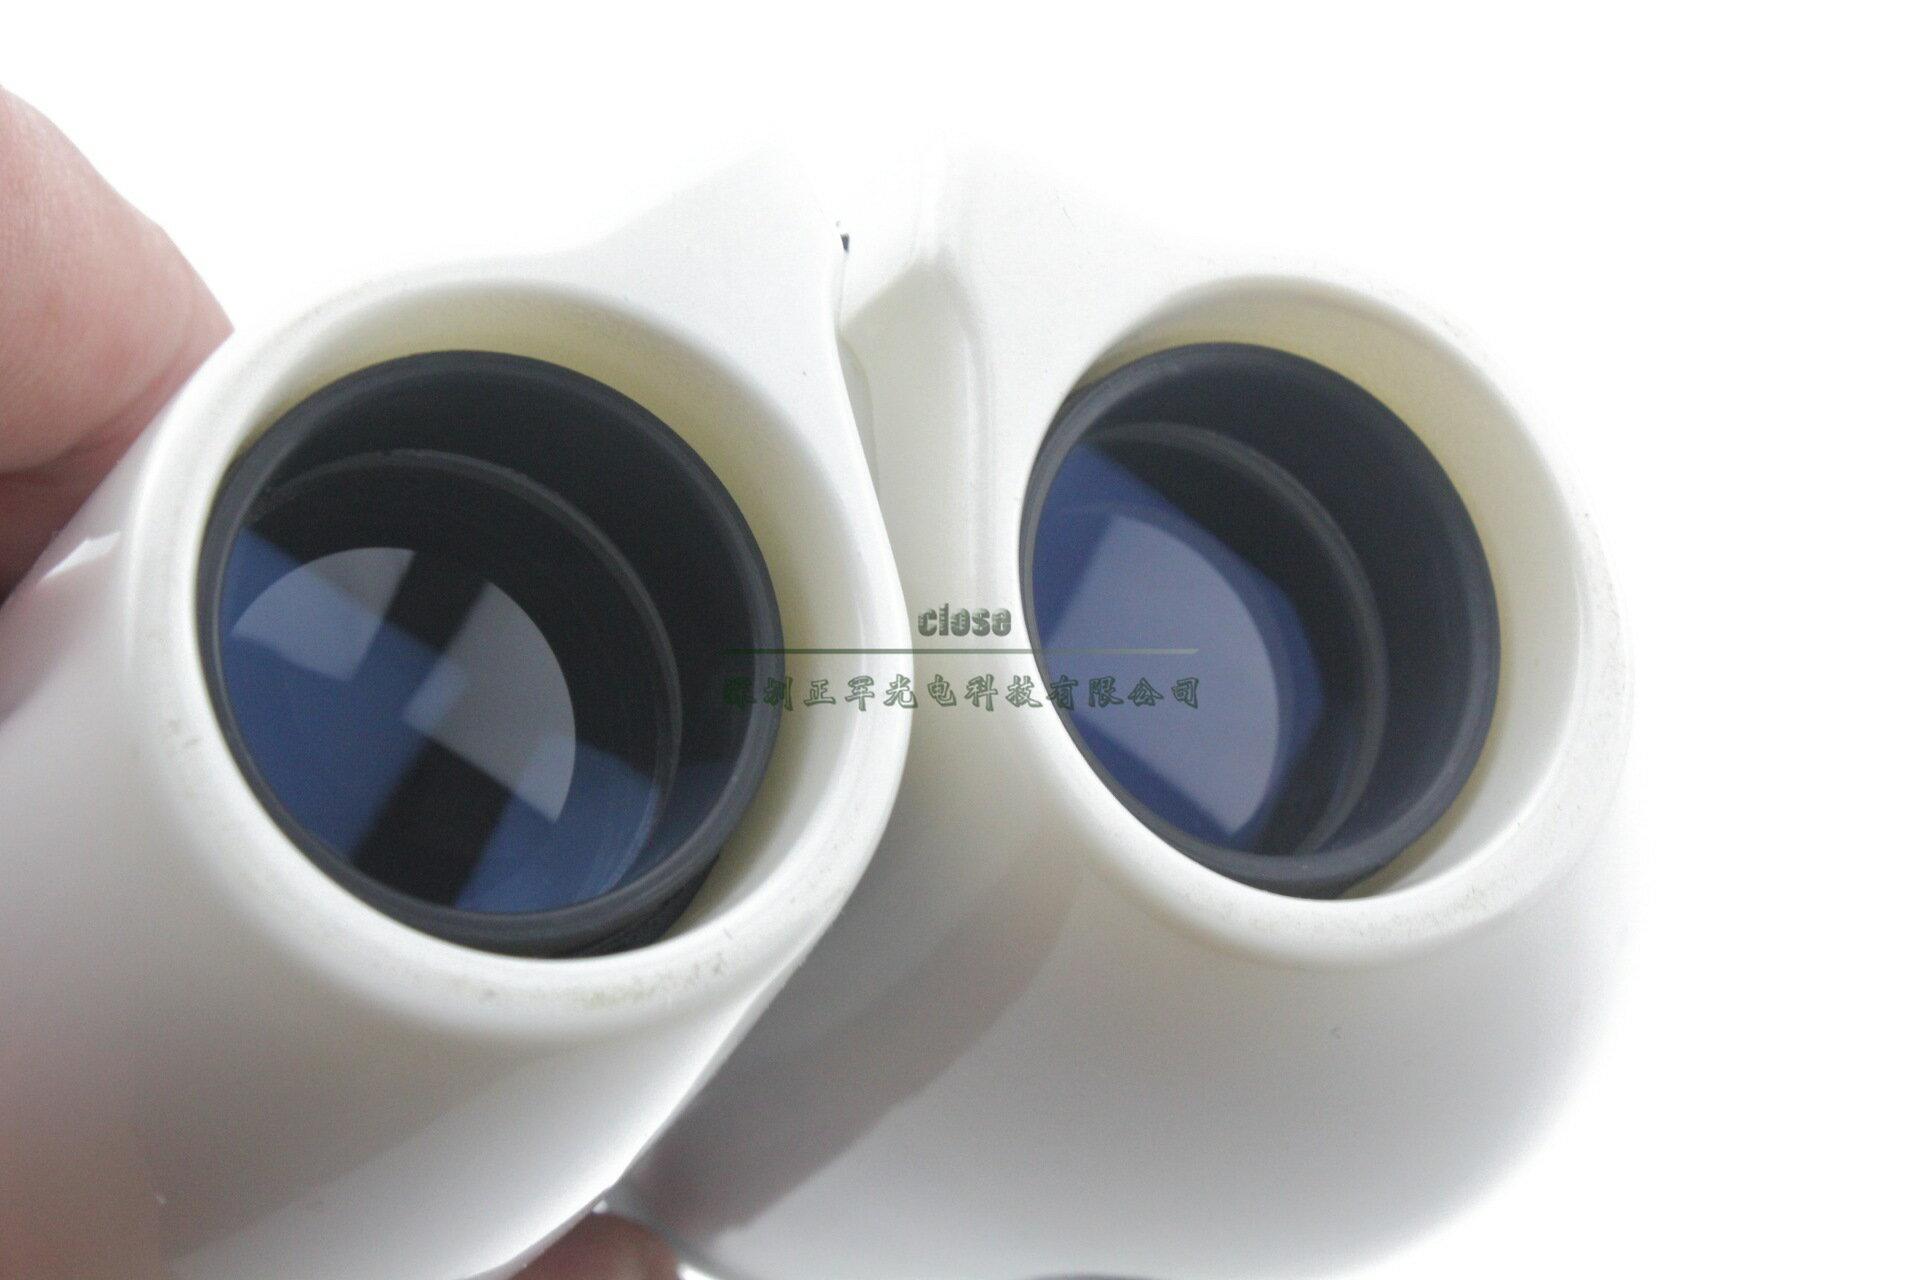 <br/><br/> 10x22 藍膜鋁質鏡身雙筒黑白色望遠鏡<br/><br/>